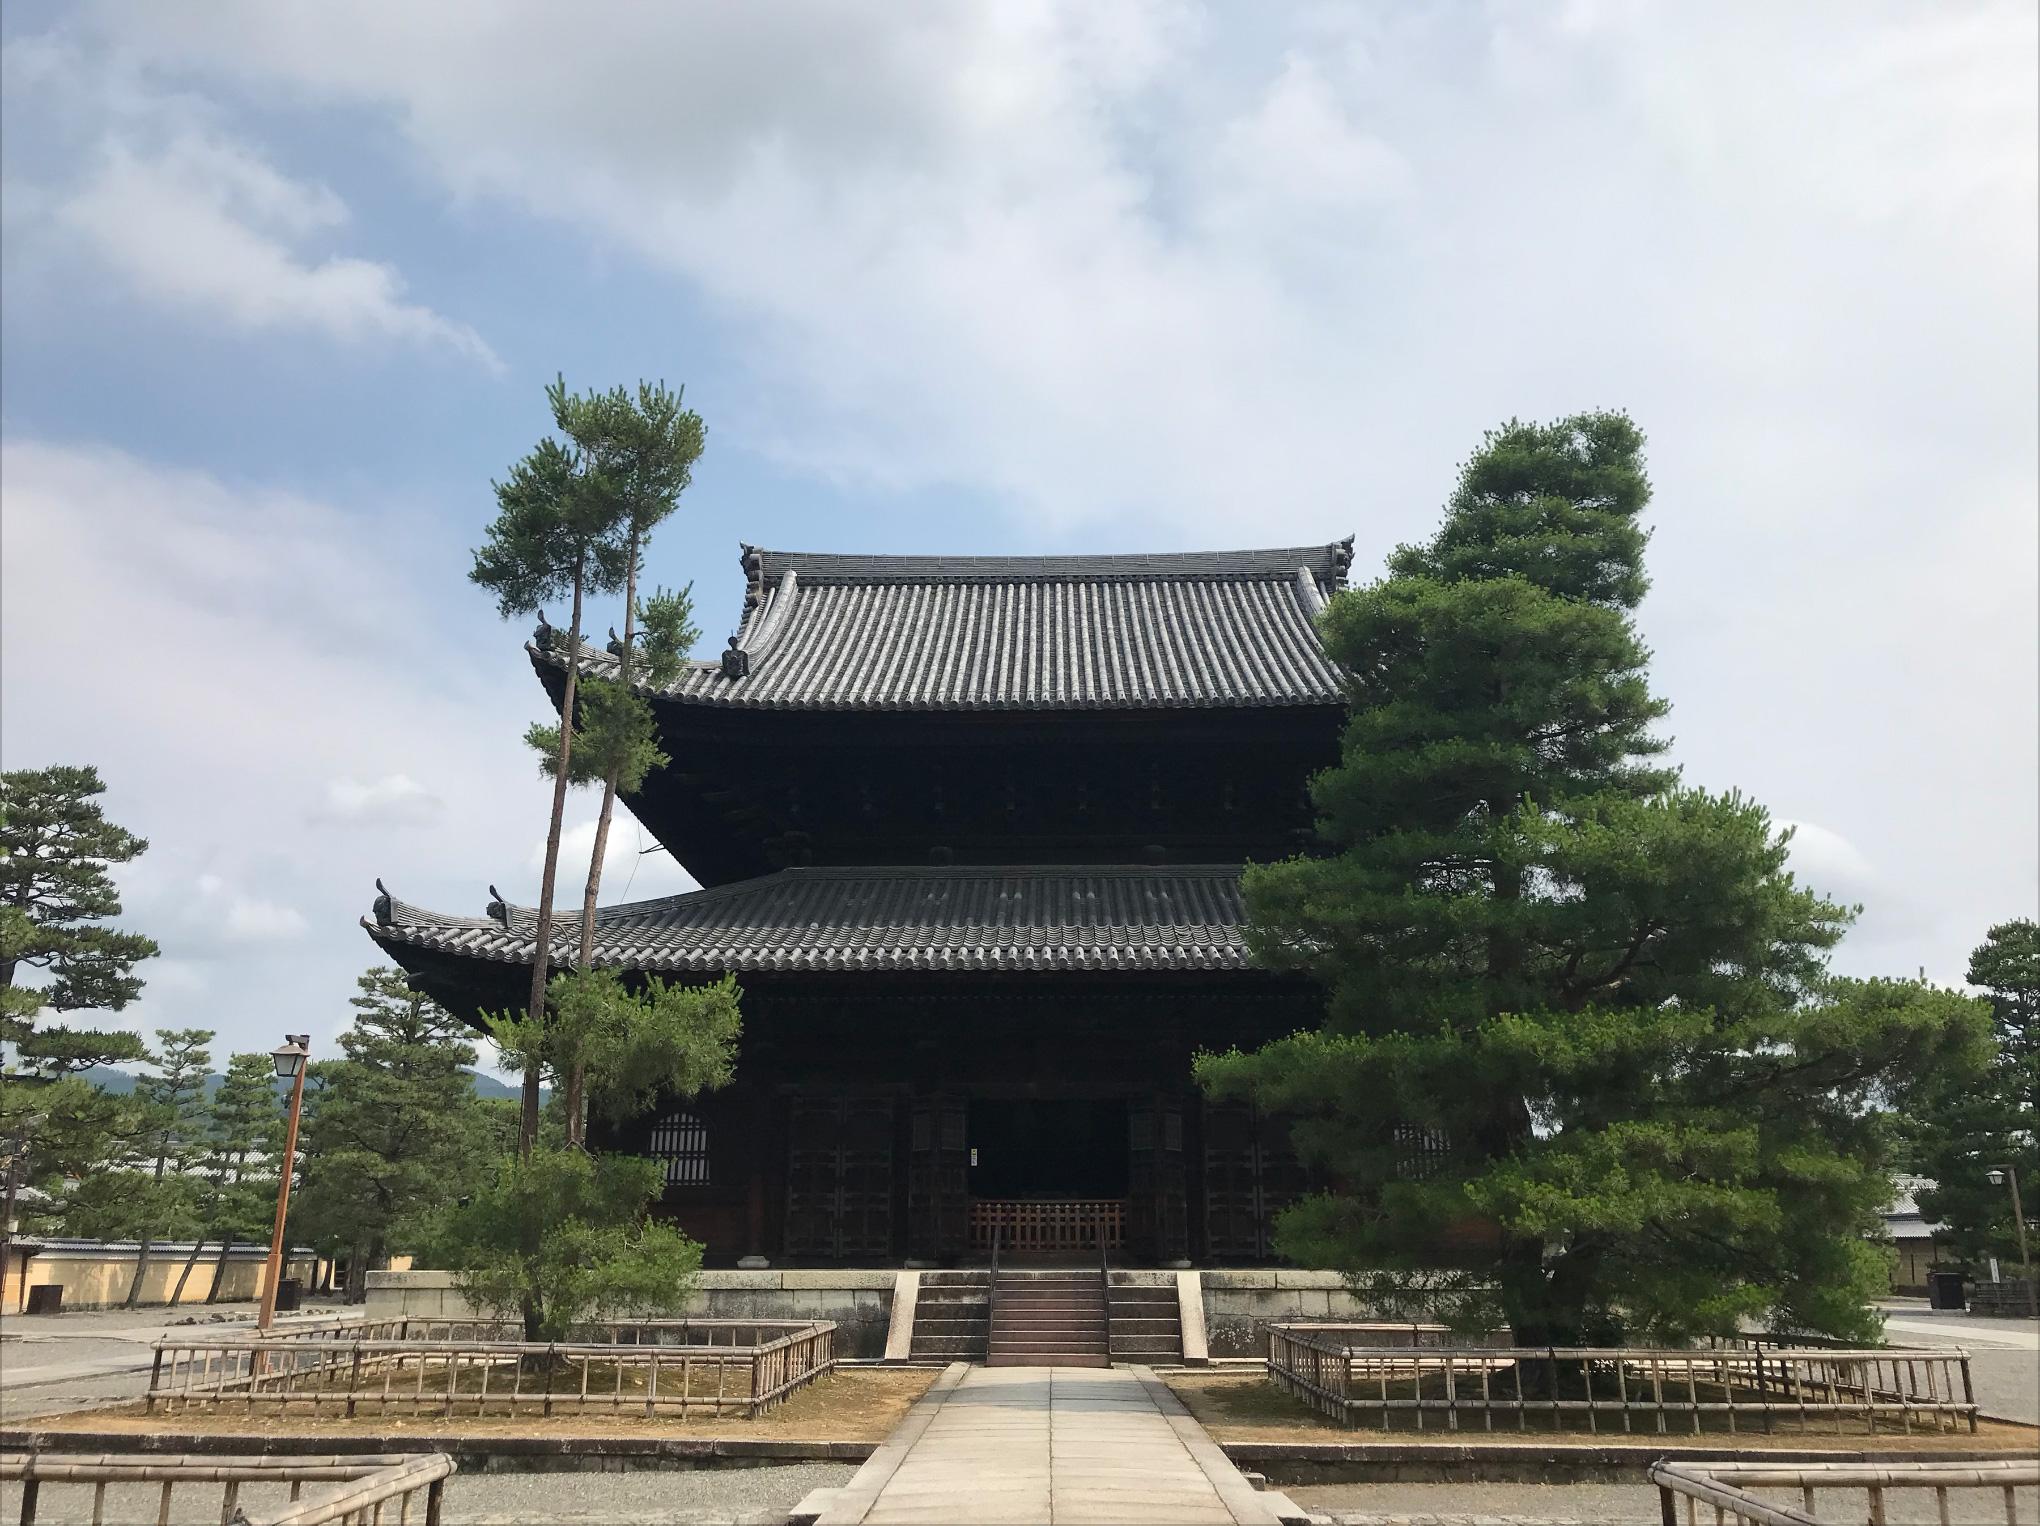 京都市右京区花園の妙心寺南門近くに事務所があります。休憩時間に妙心寺の境内でリフレッシュすることもできます。